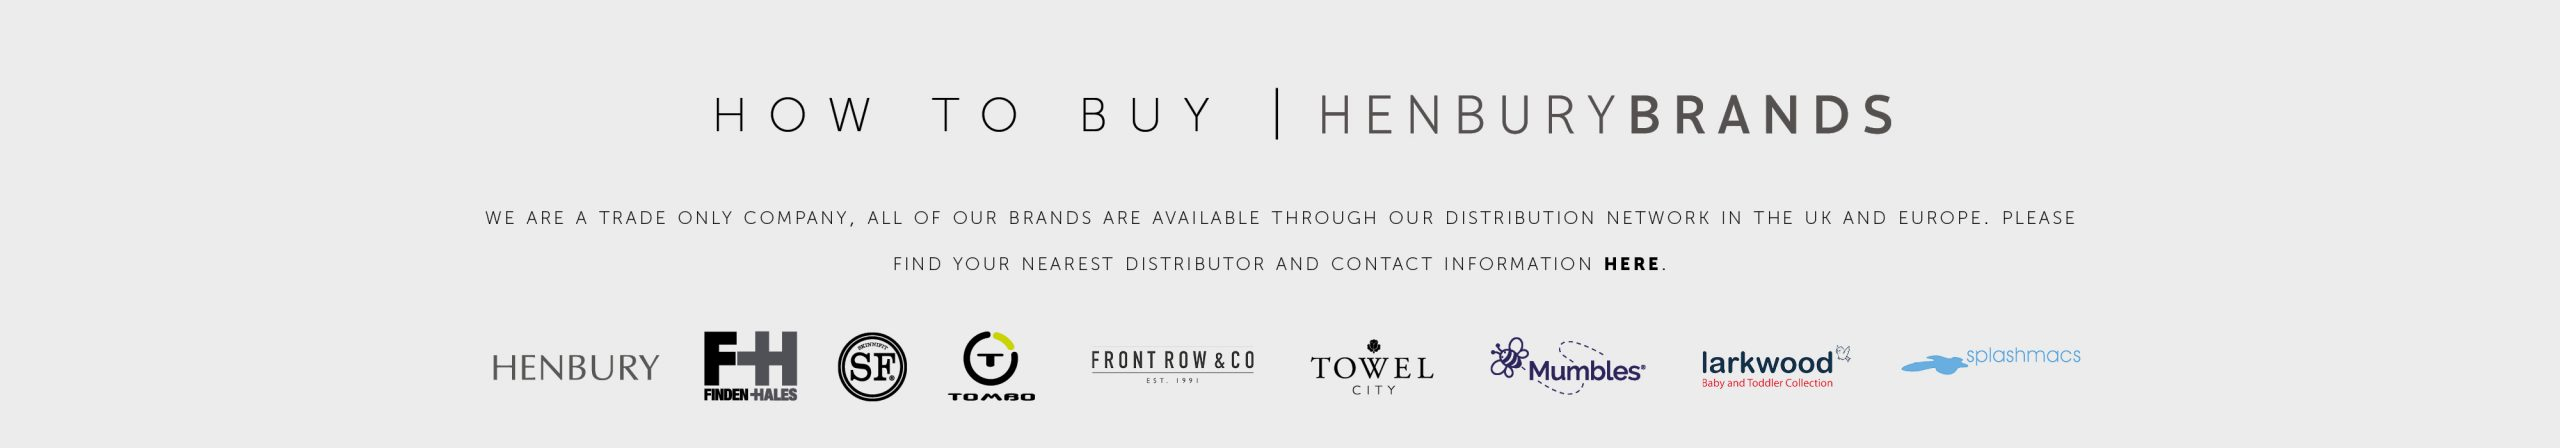 henbury brands how to buy- grey